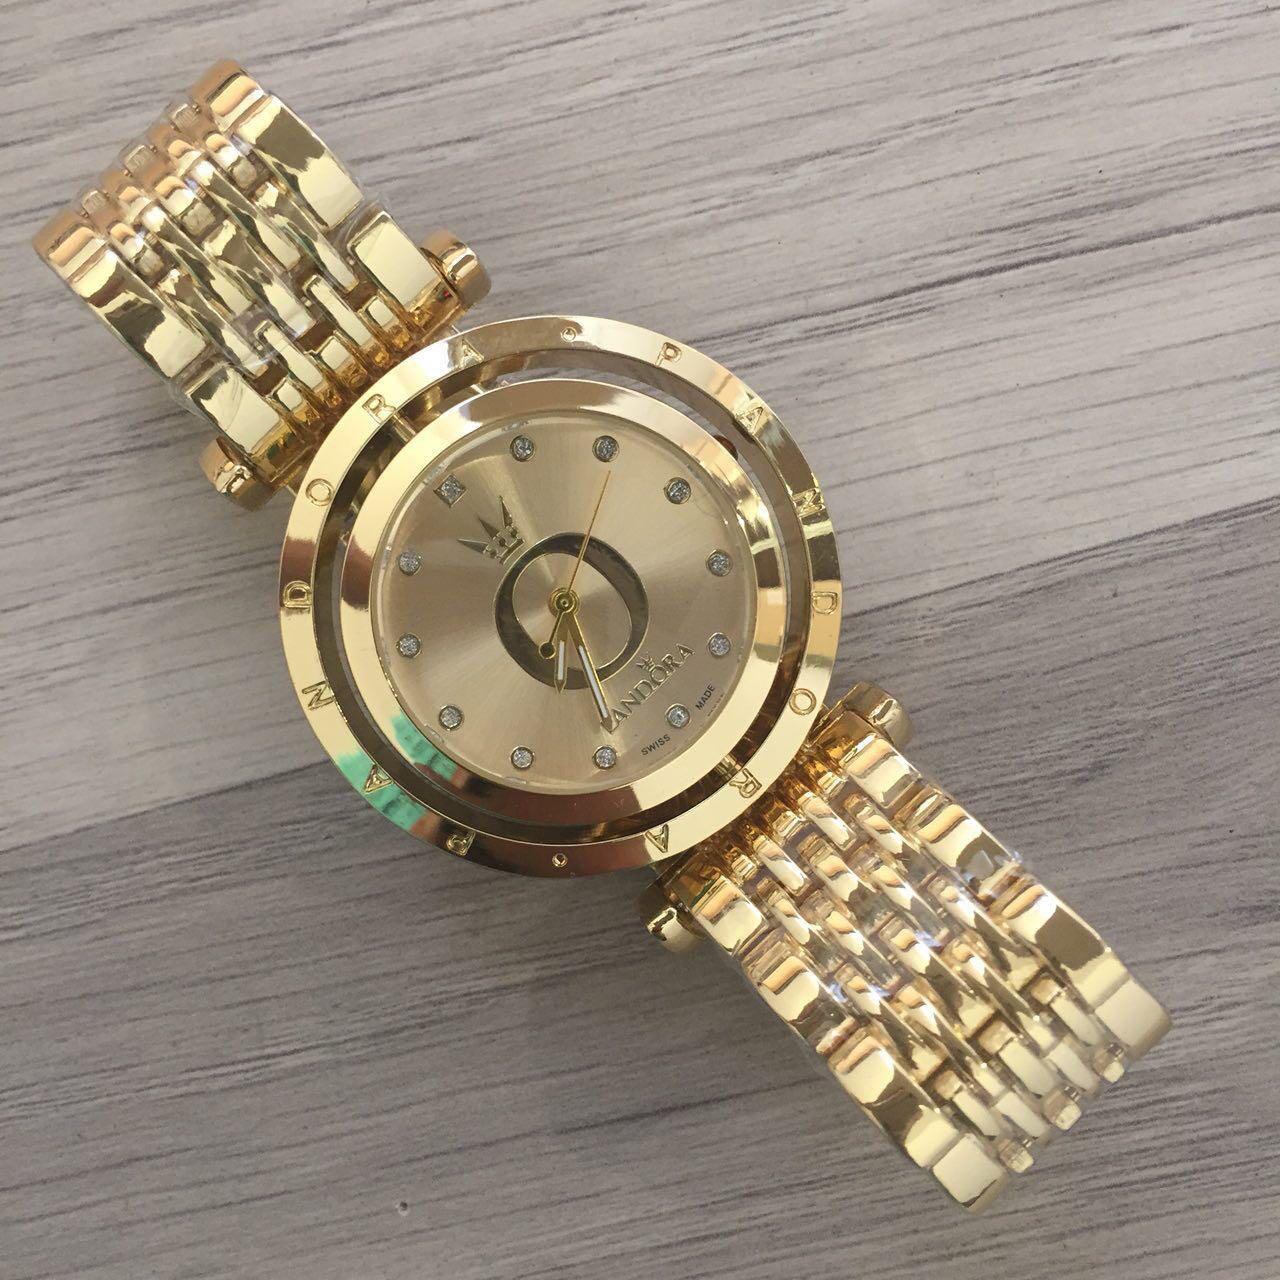 Женские наручные часы Pandora (Пандора), золотой корпус и циферблат ( код: IBW122Y )